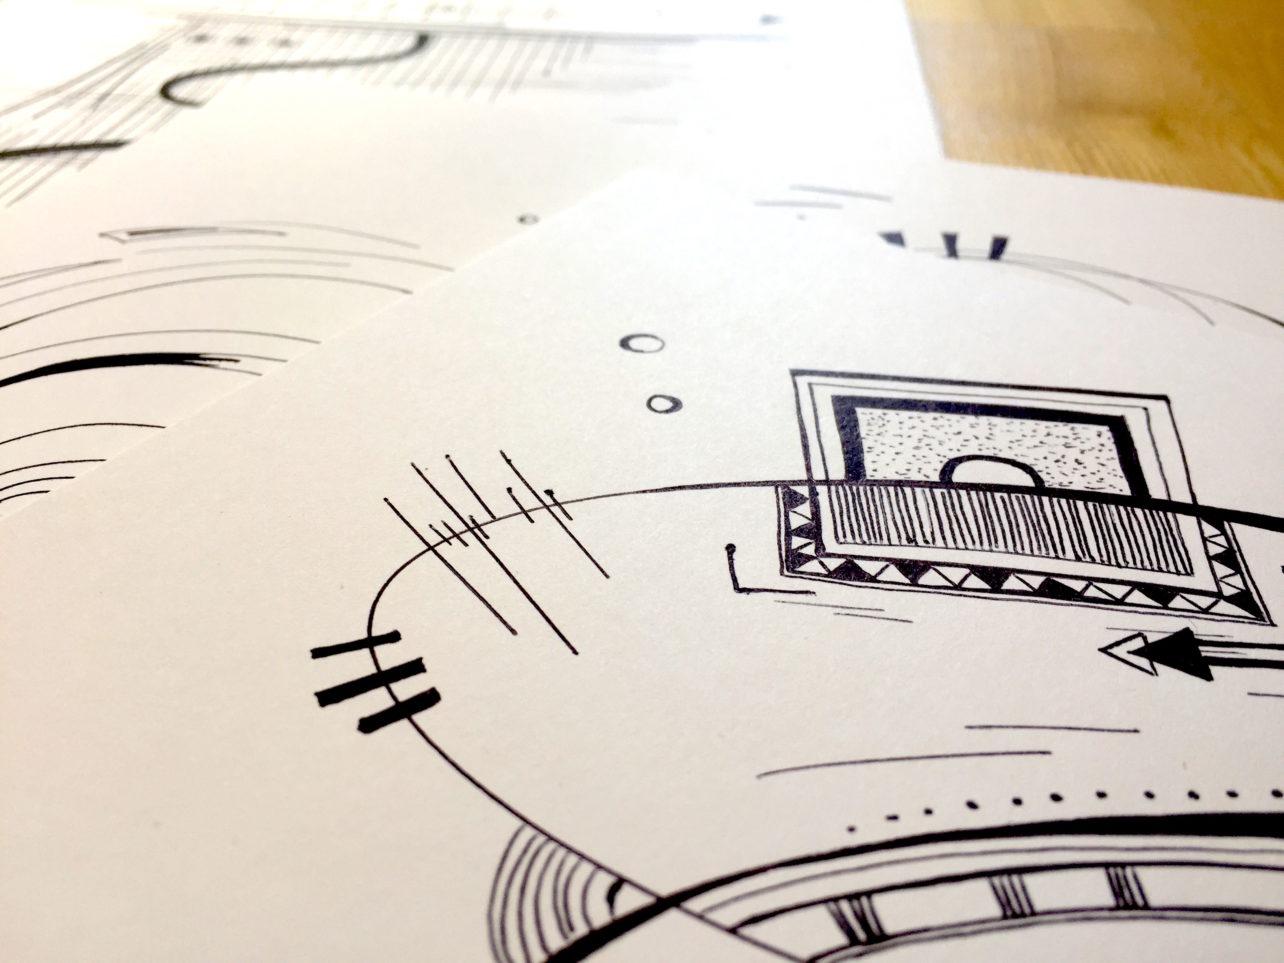 Détail des dessins faits au stylo noir sur fond blanc